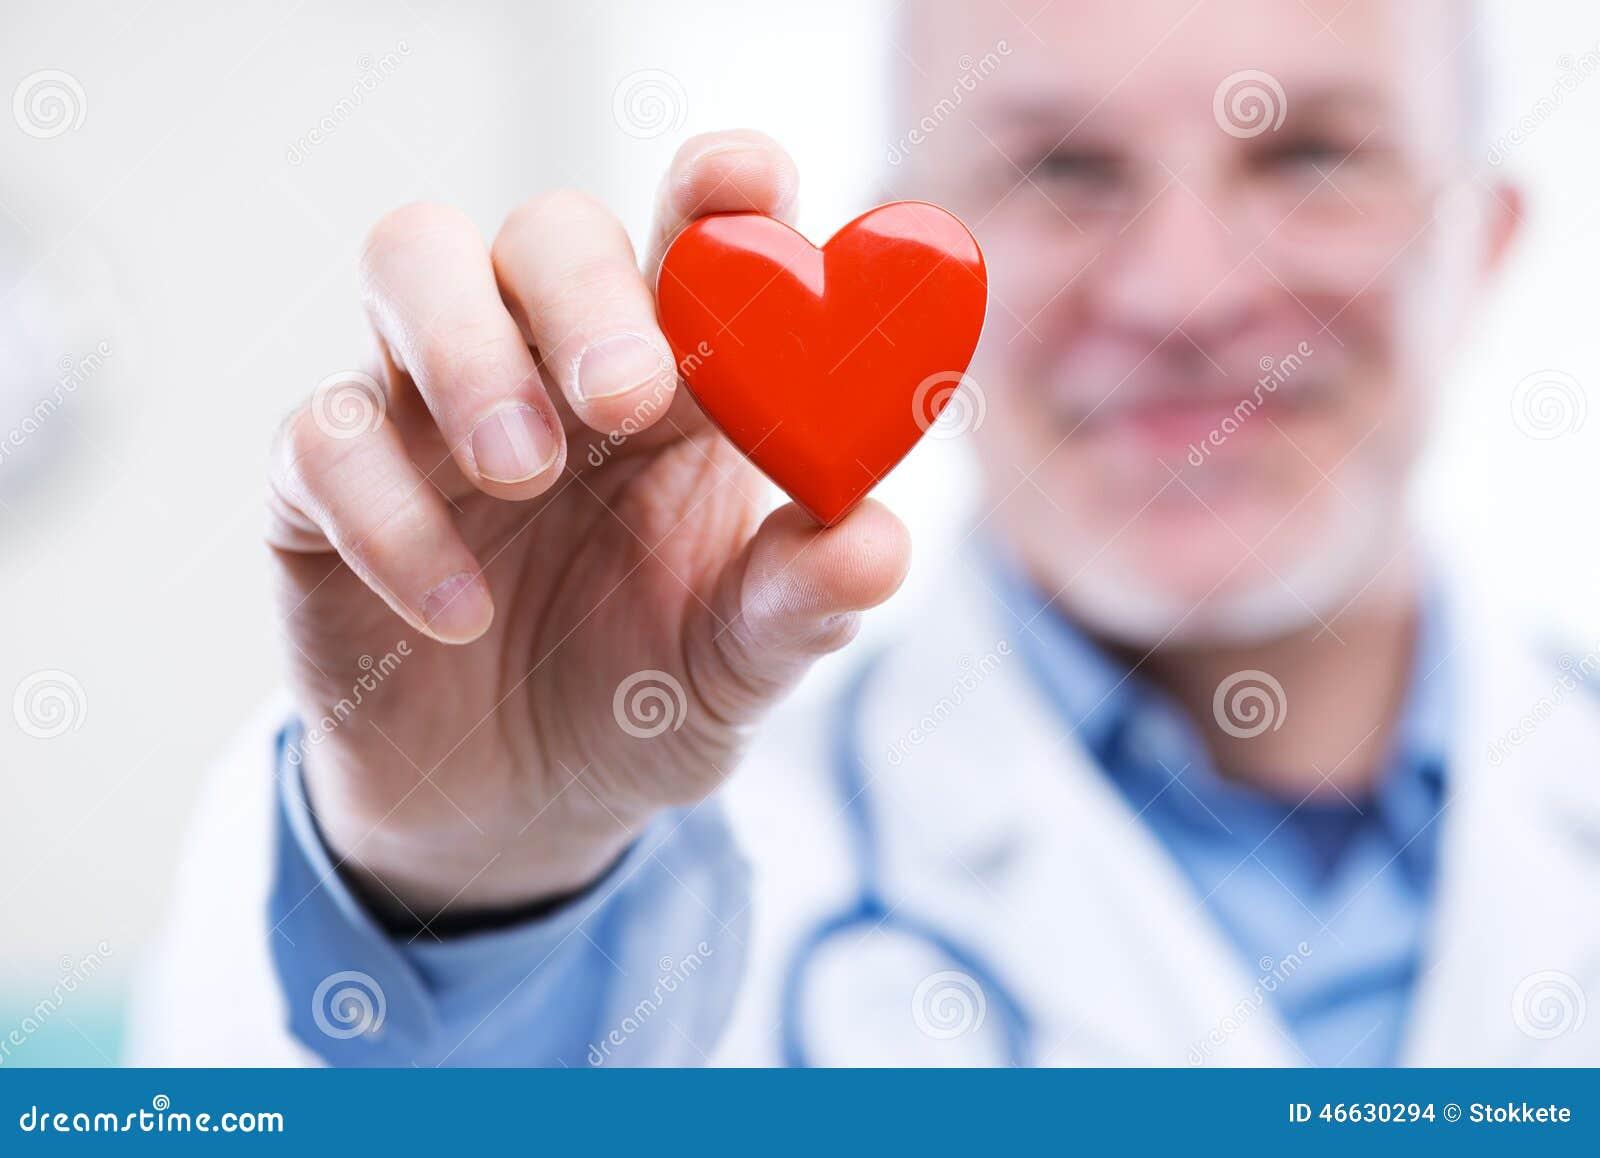 Medico con cuore